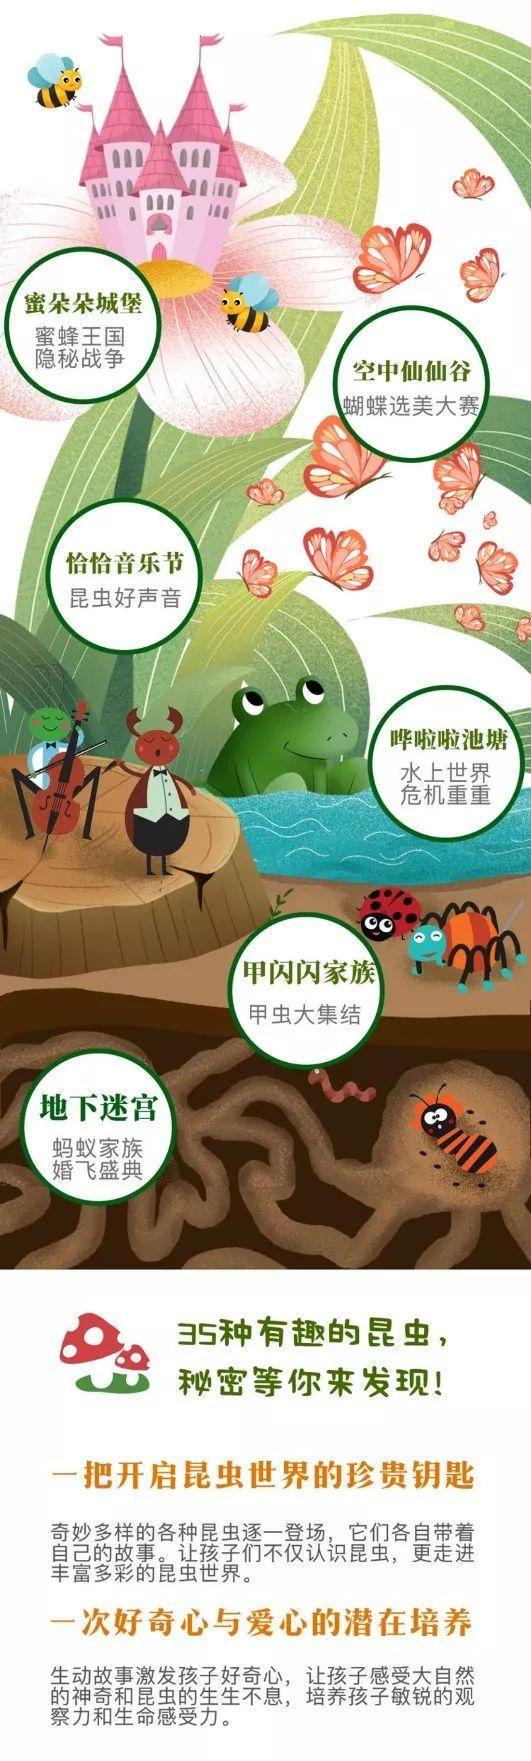 探尋昆蟲世界的奧秘:奶泡泡昆蟲日記(上)27集mp3有聲故事_圖片 20